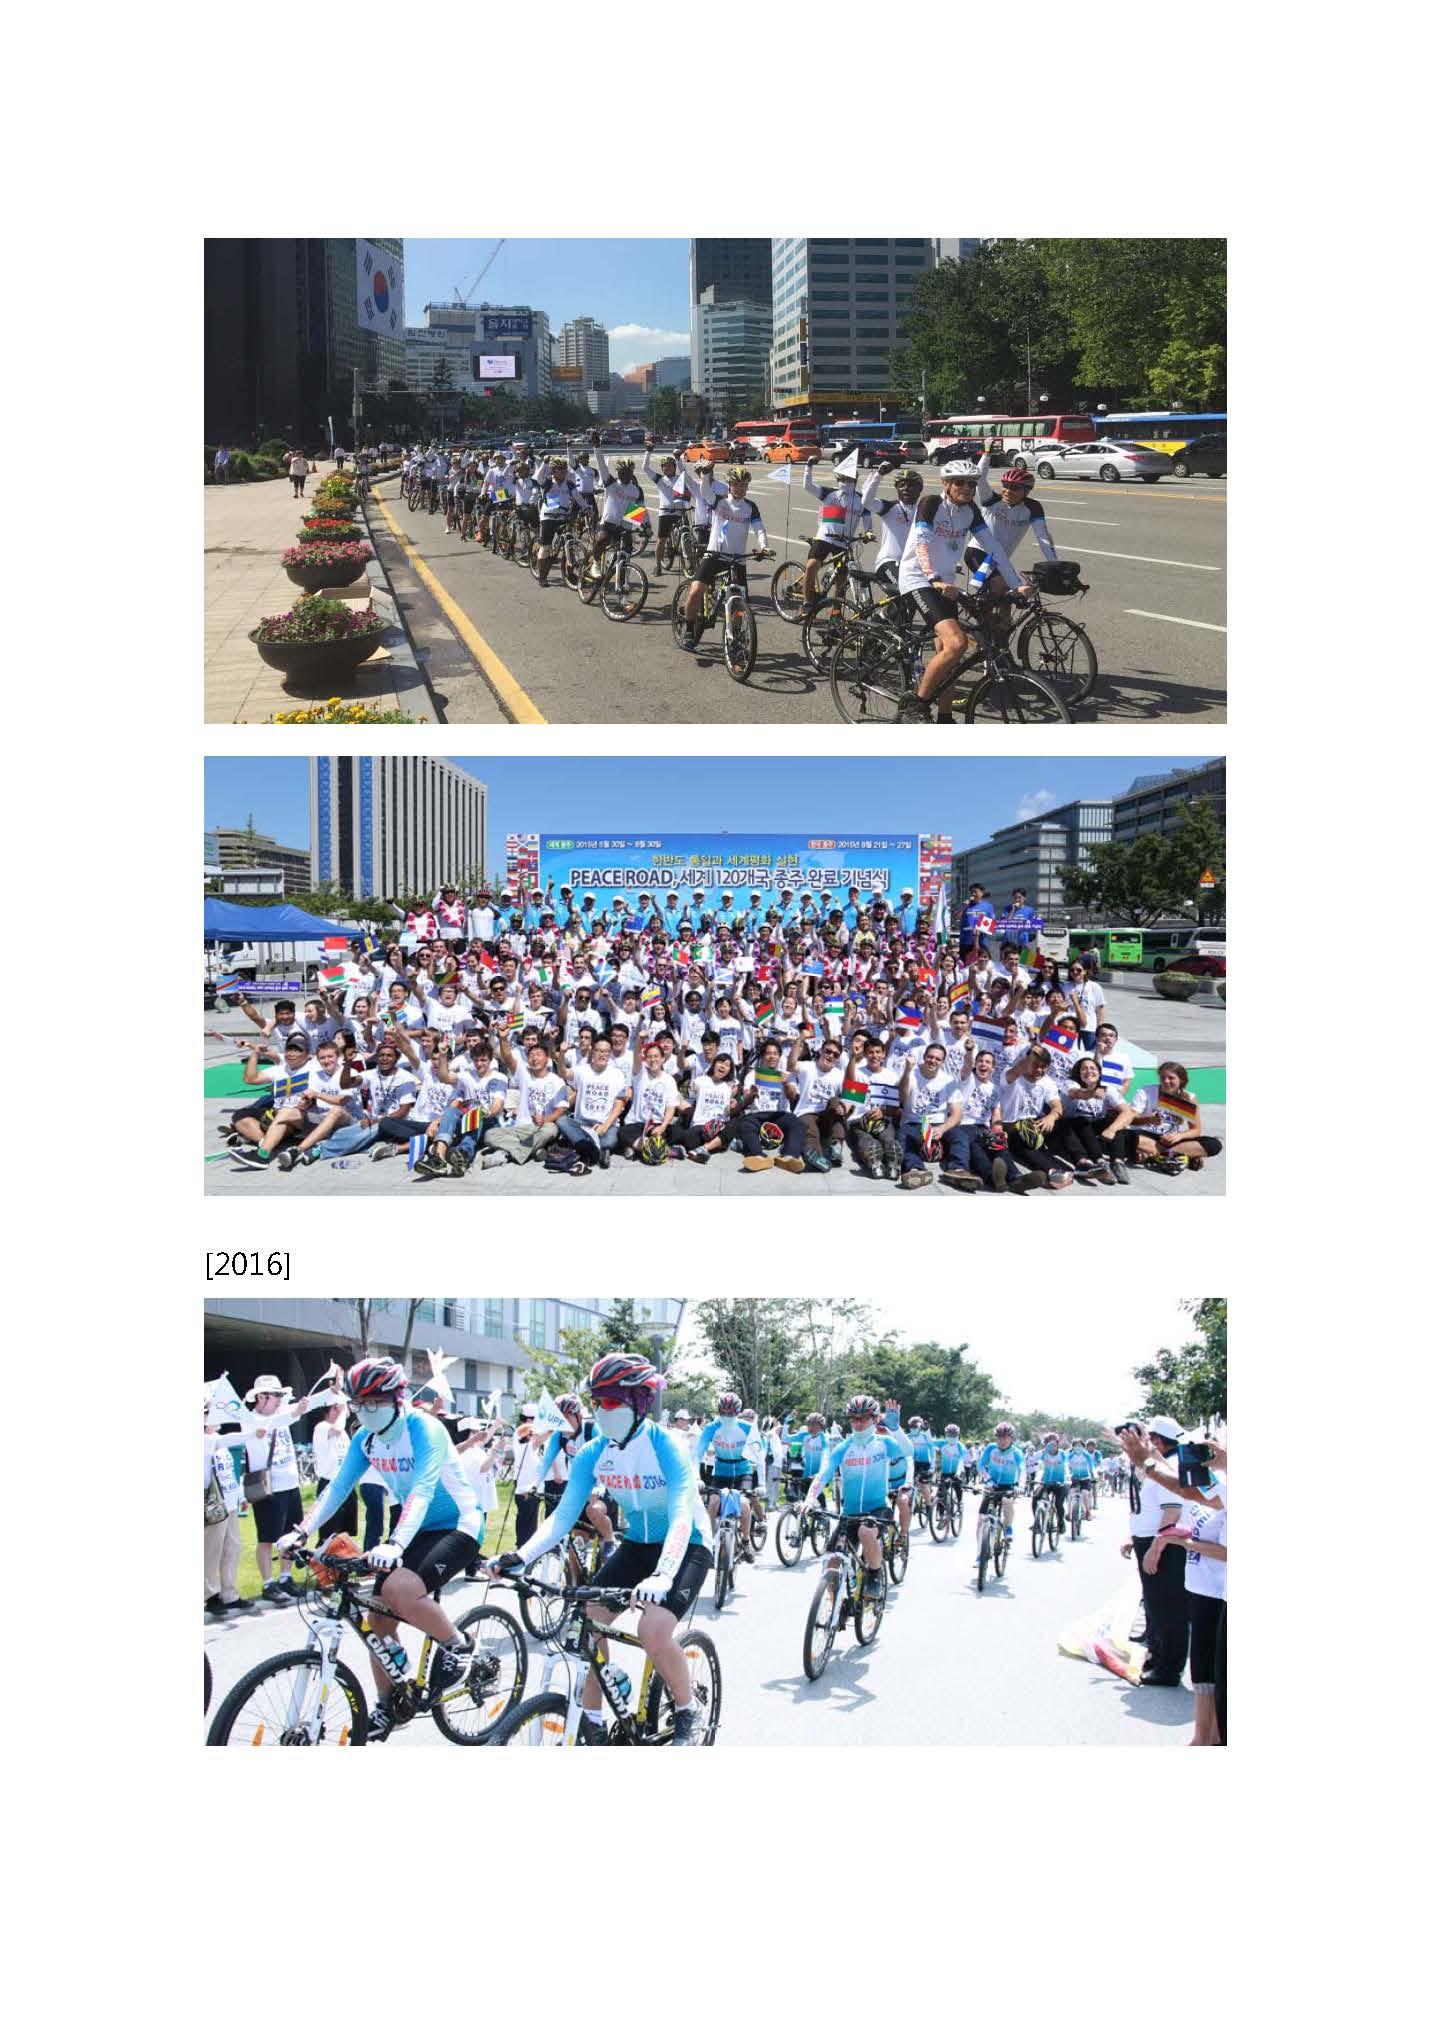 첨부2. 지난 피스로드 한국 대장정 사진 및 언론 보도(new)_페이지_2.jpg